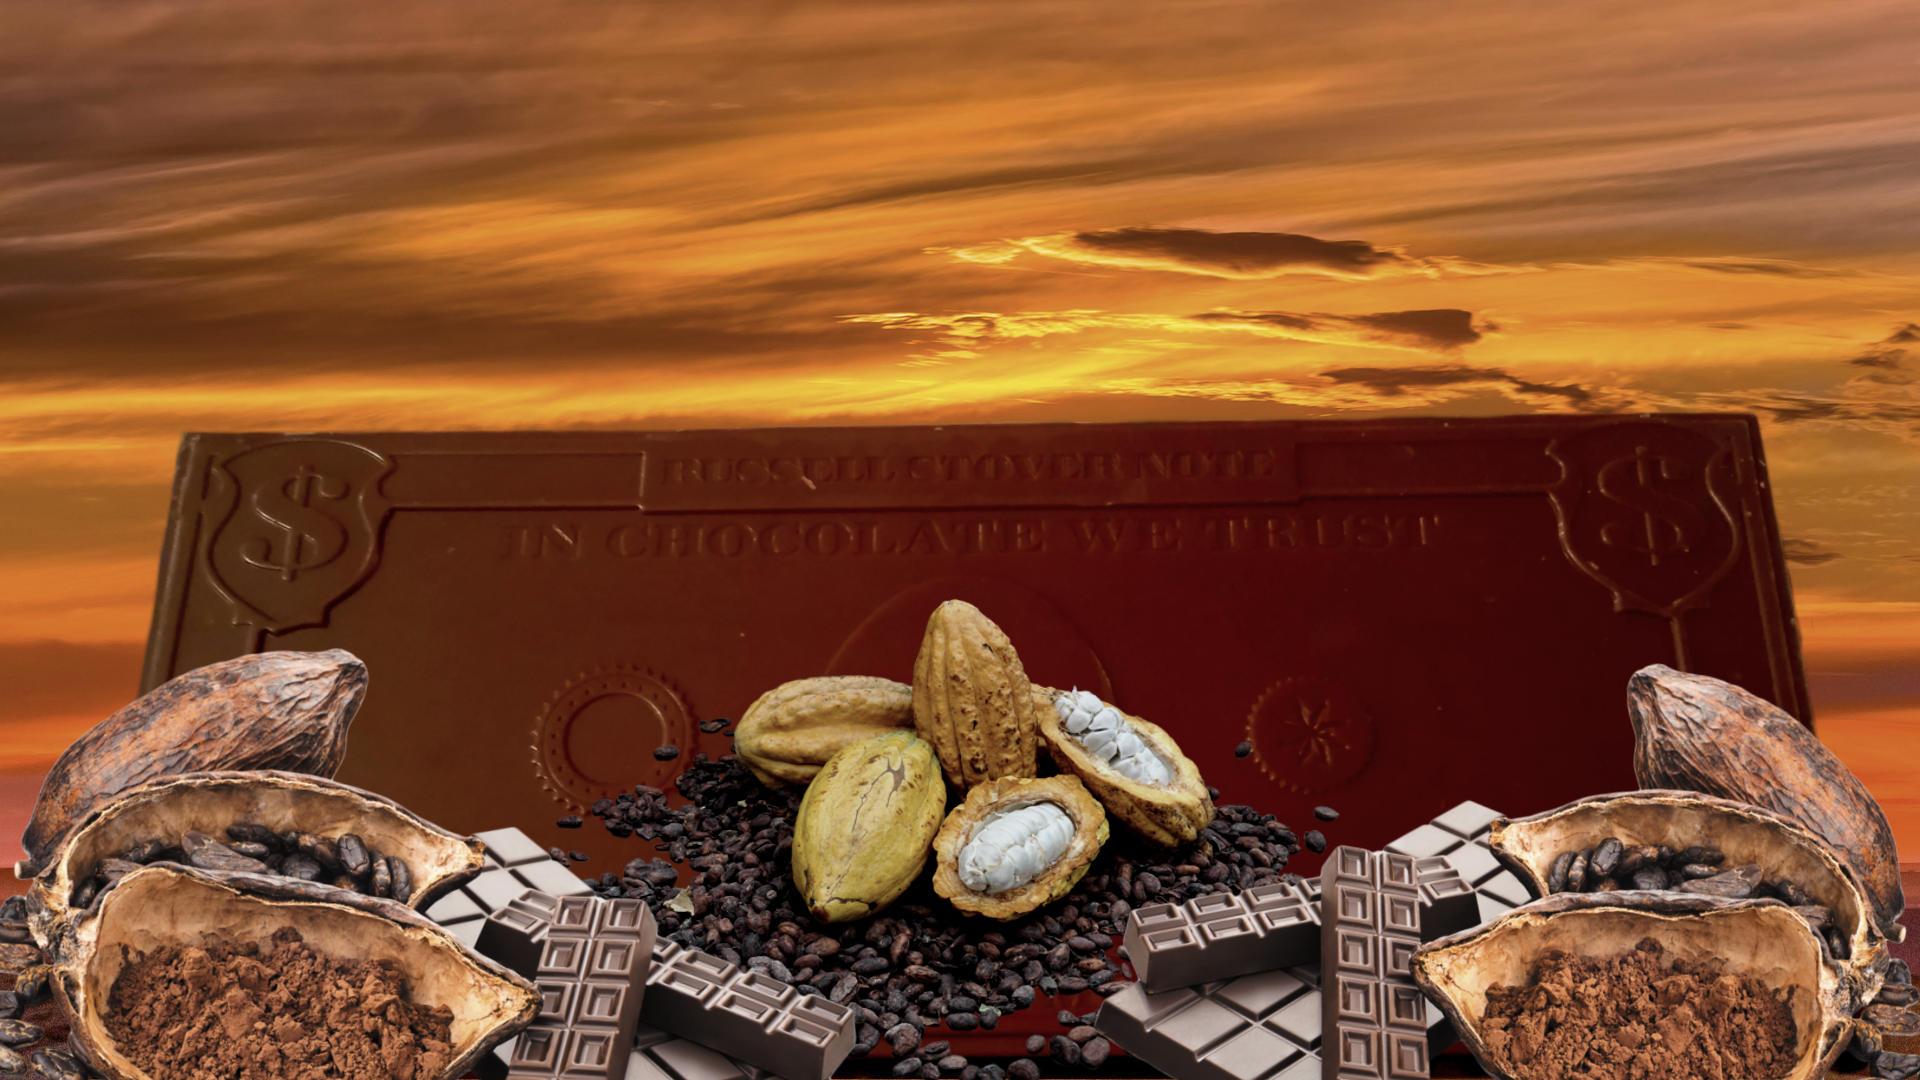 шоколадные деньги. какао бобы. третья мировая война и эволюция денег